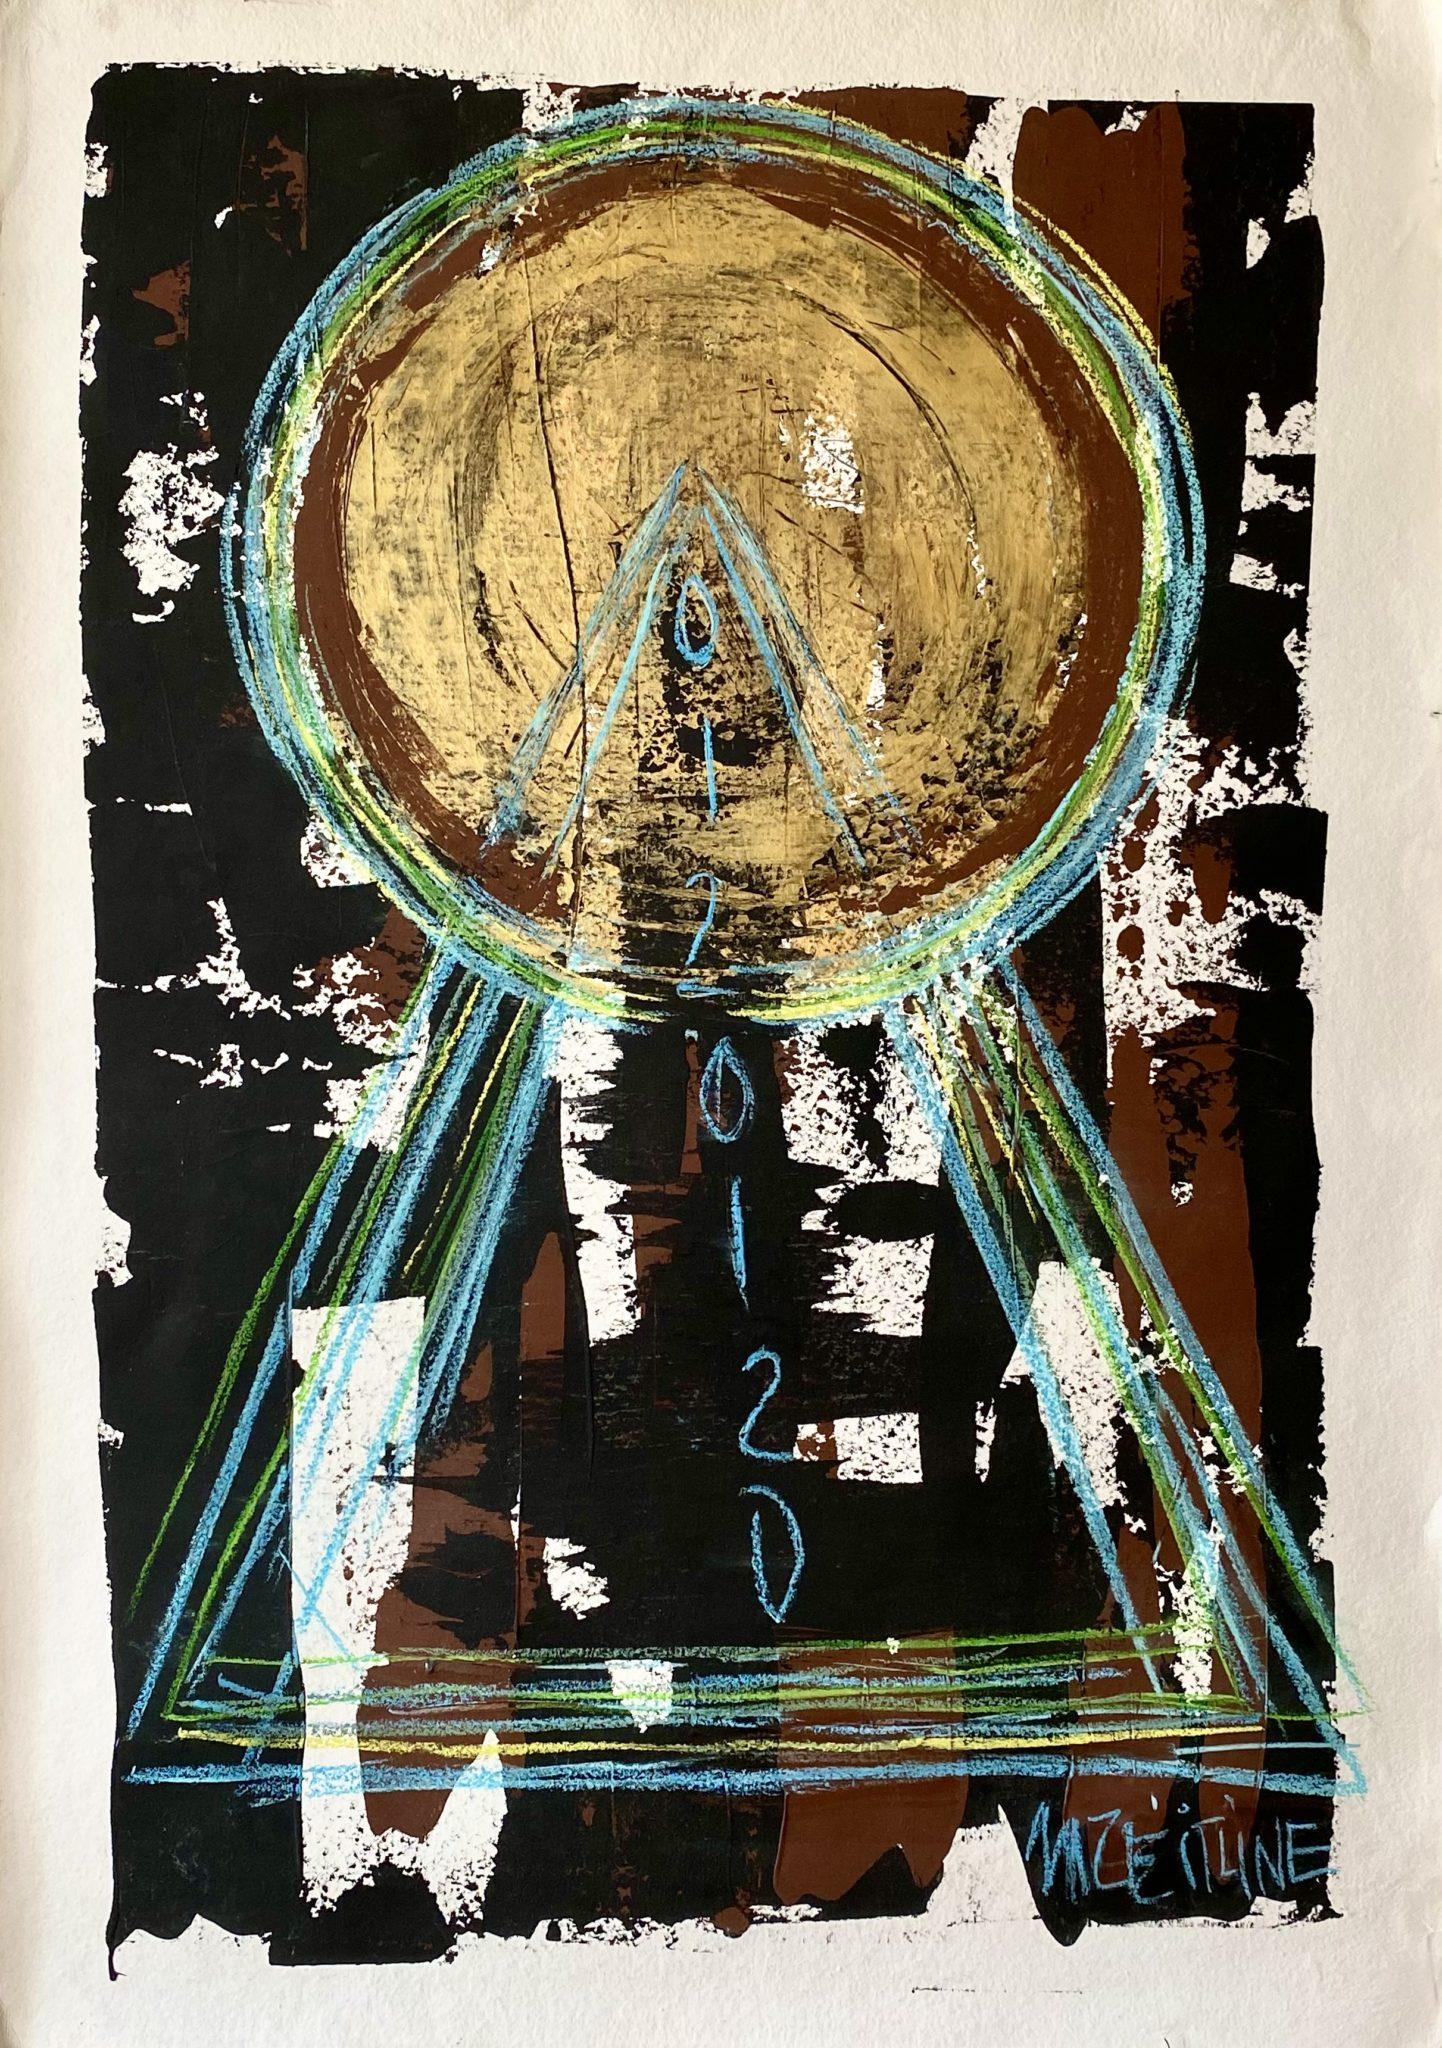 Donner forme à mes rêves- Gouache, acrylique, pastels sur papier - 110 x 140 cm MESGMZM01